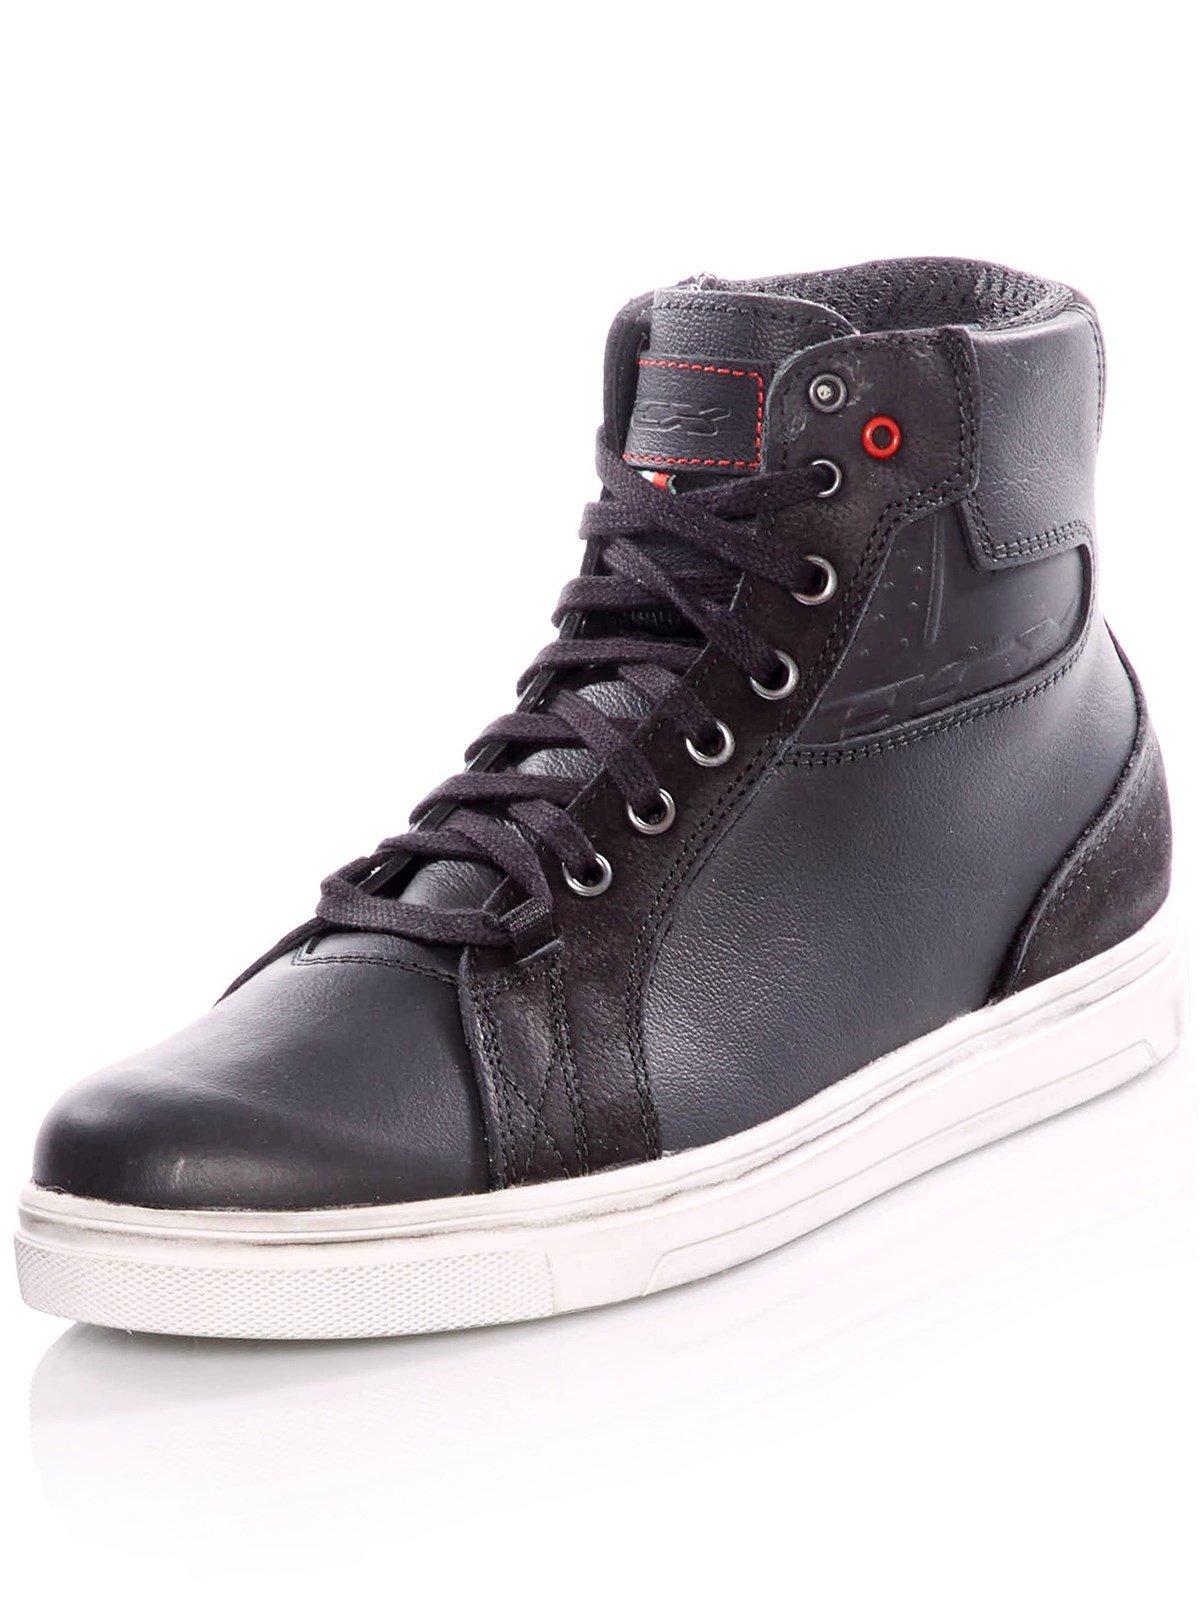 Tcx Black Street Ace Waterproof Motorcycle Shoe (Us 12.5, Black)